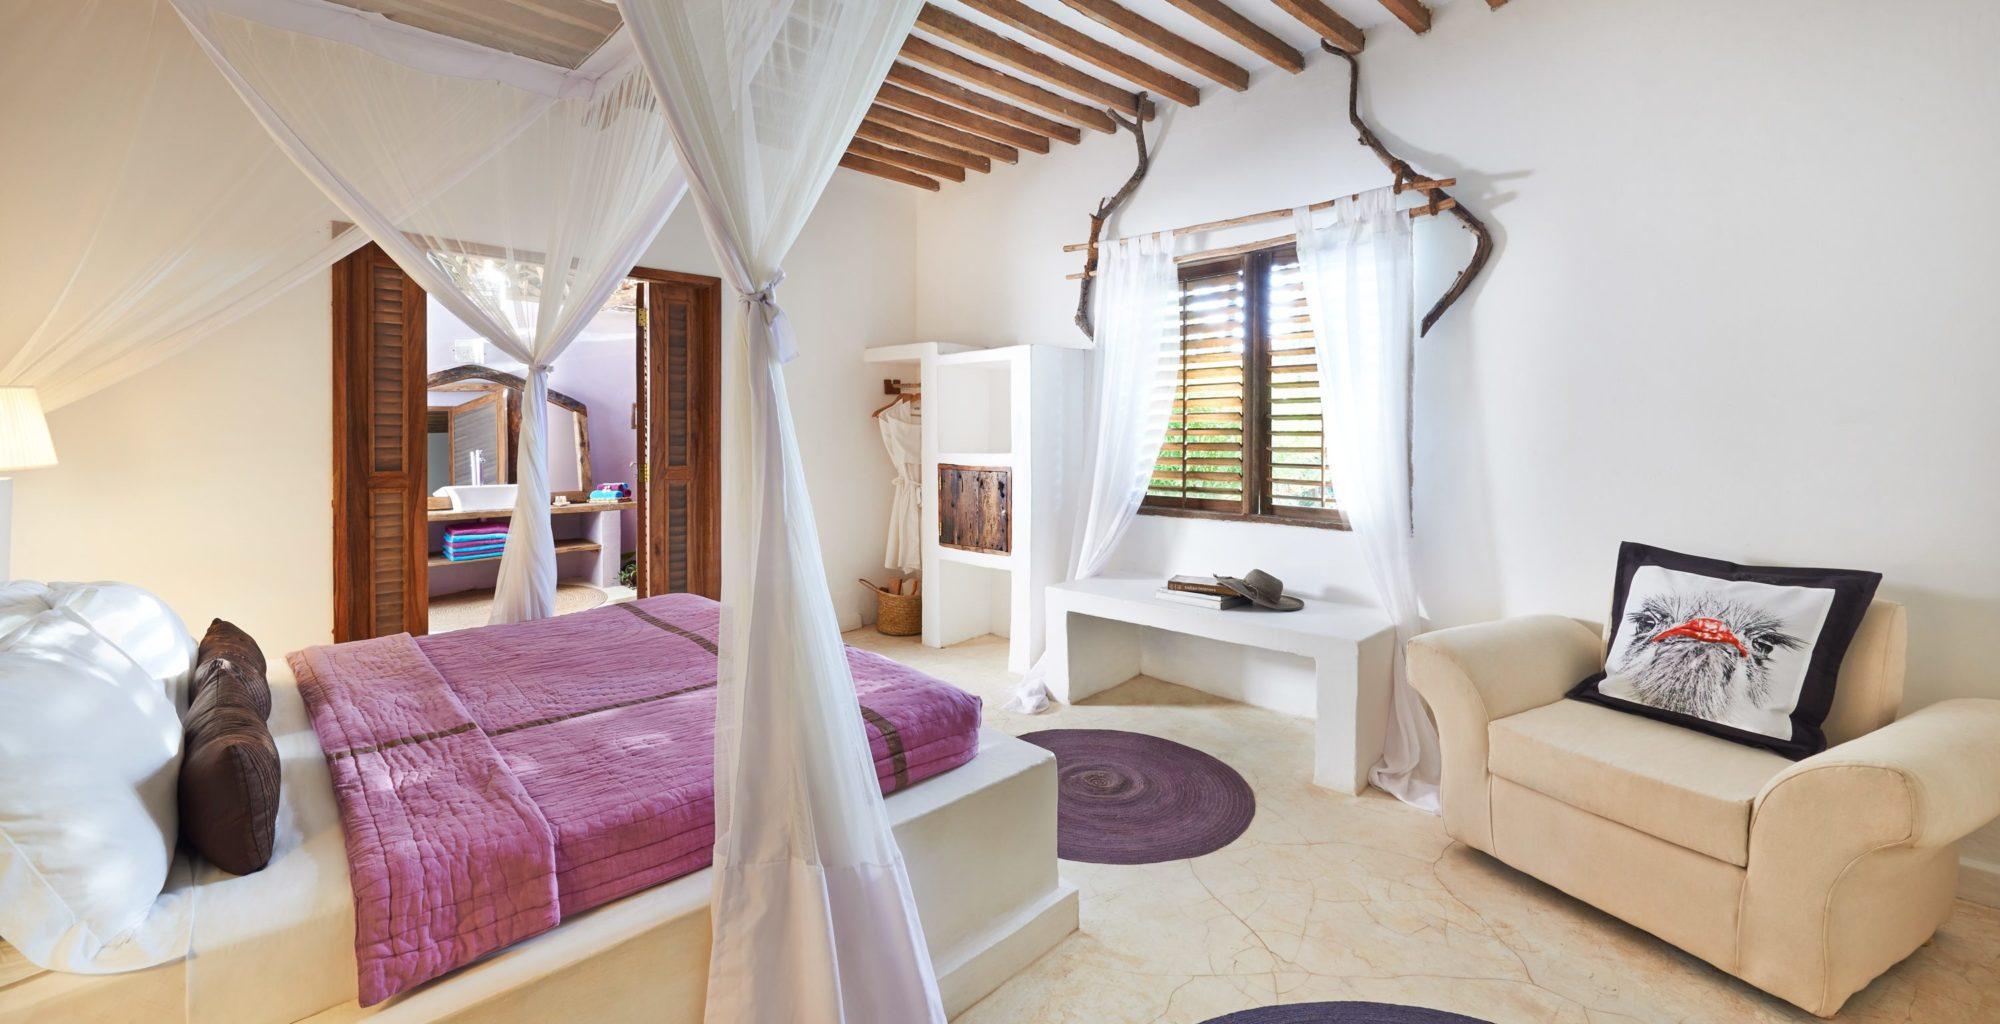 Tanzania-Upendo-Villas-Bedroom